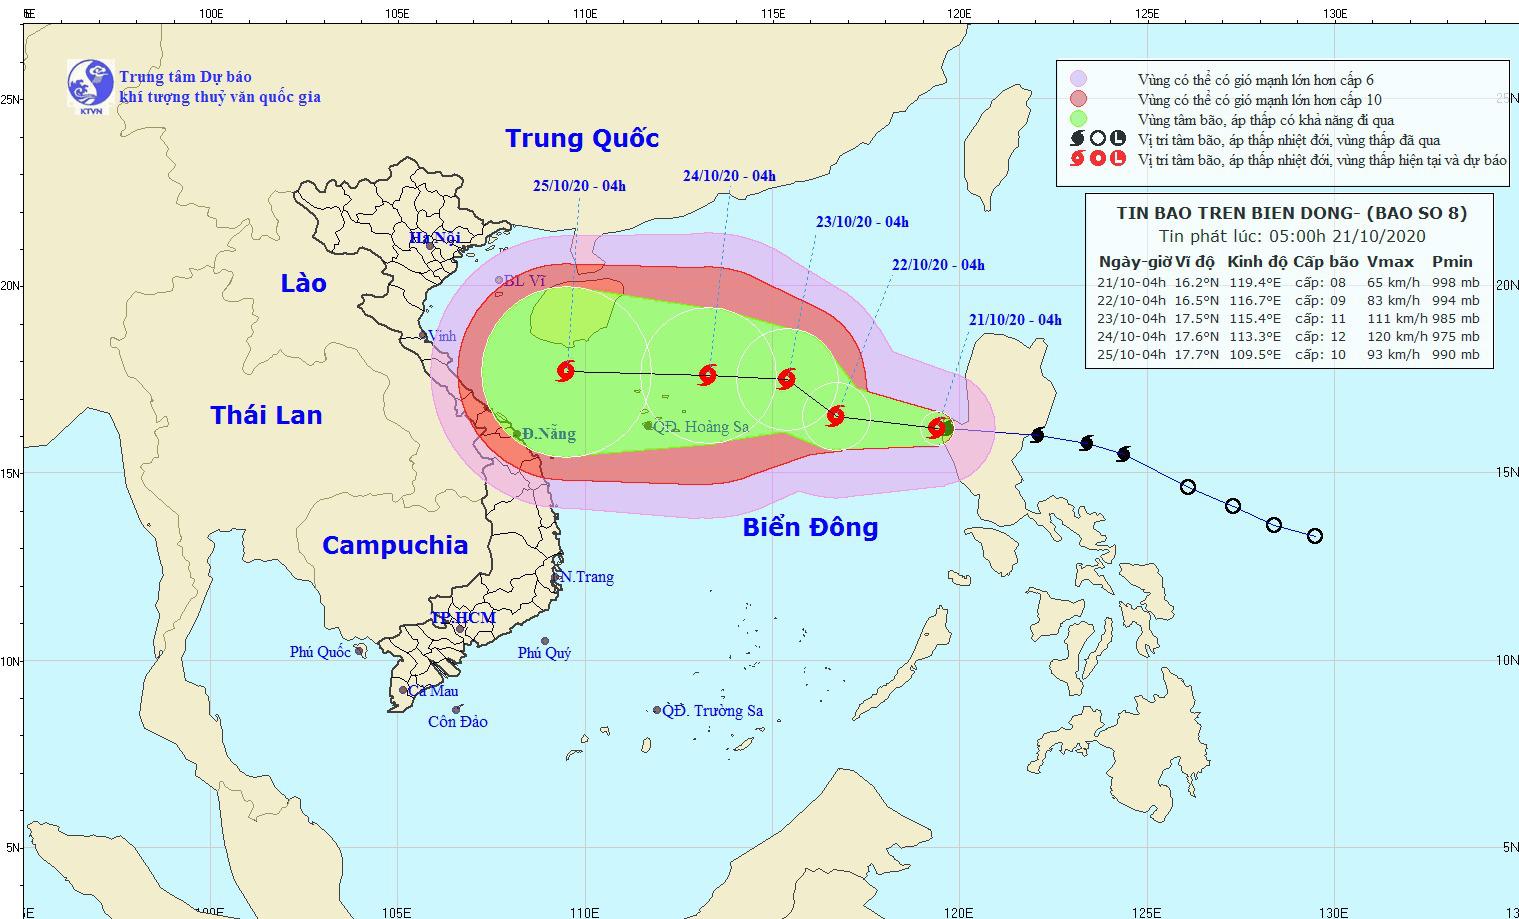 Nóng: Biển Đông đón bão số 8, miền Trung nguy cơ lại hứng mưa lớn - Ảnh 1.